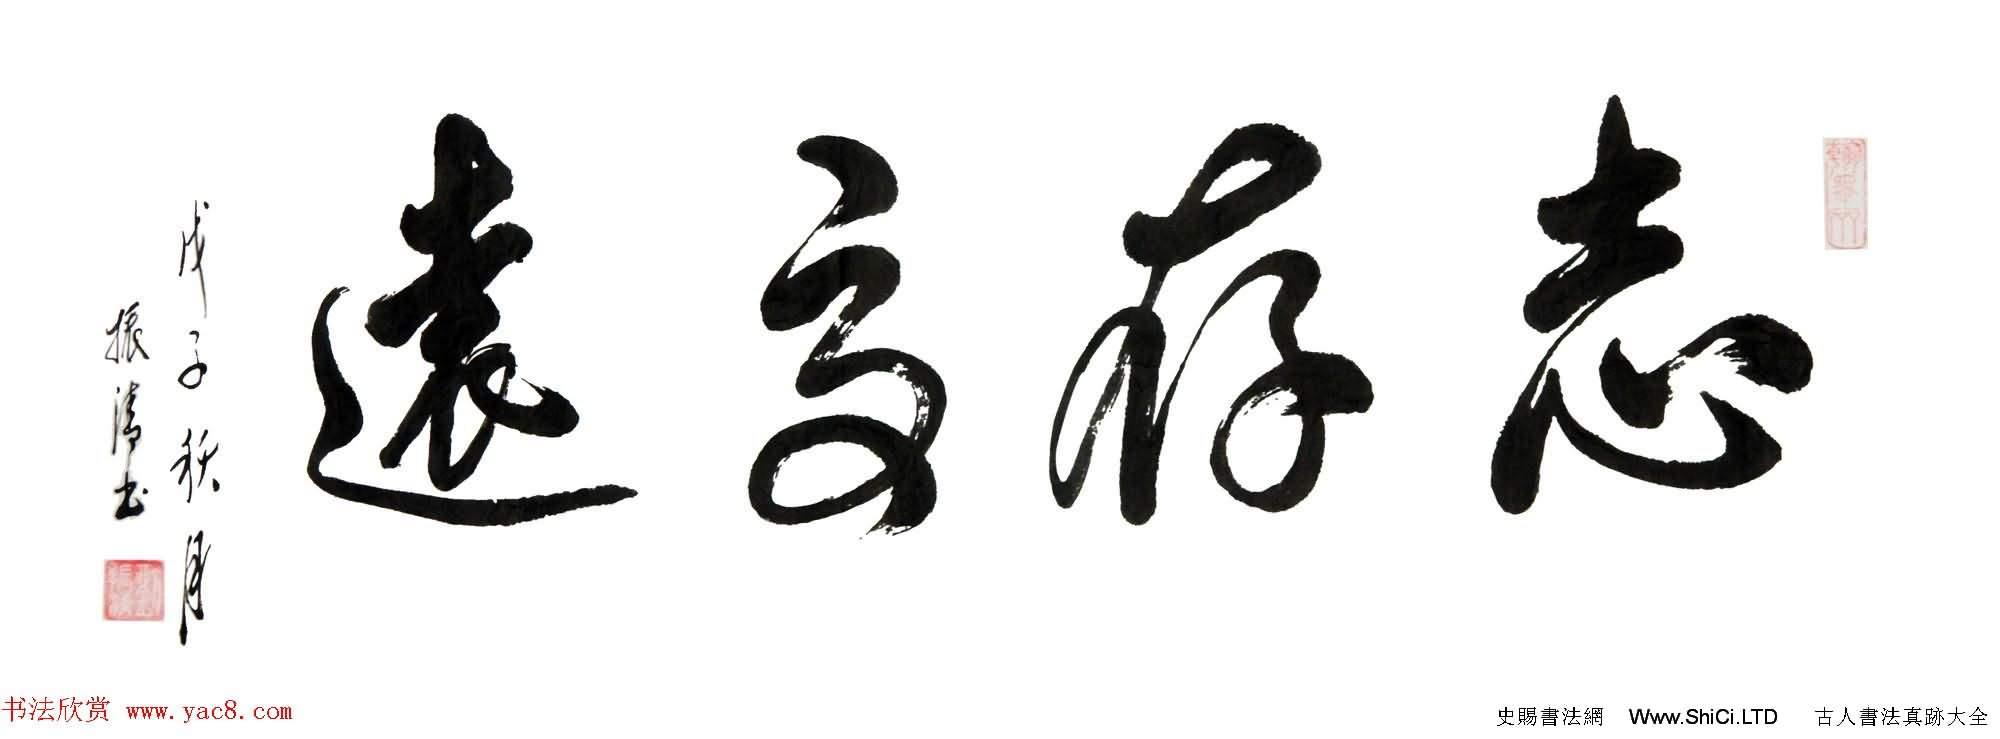 書法專輯:志存高遠書法圖片欣賞